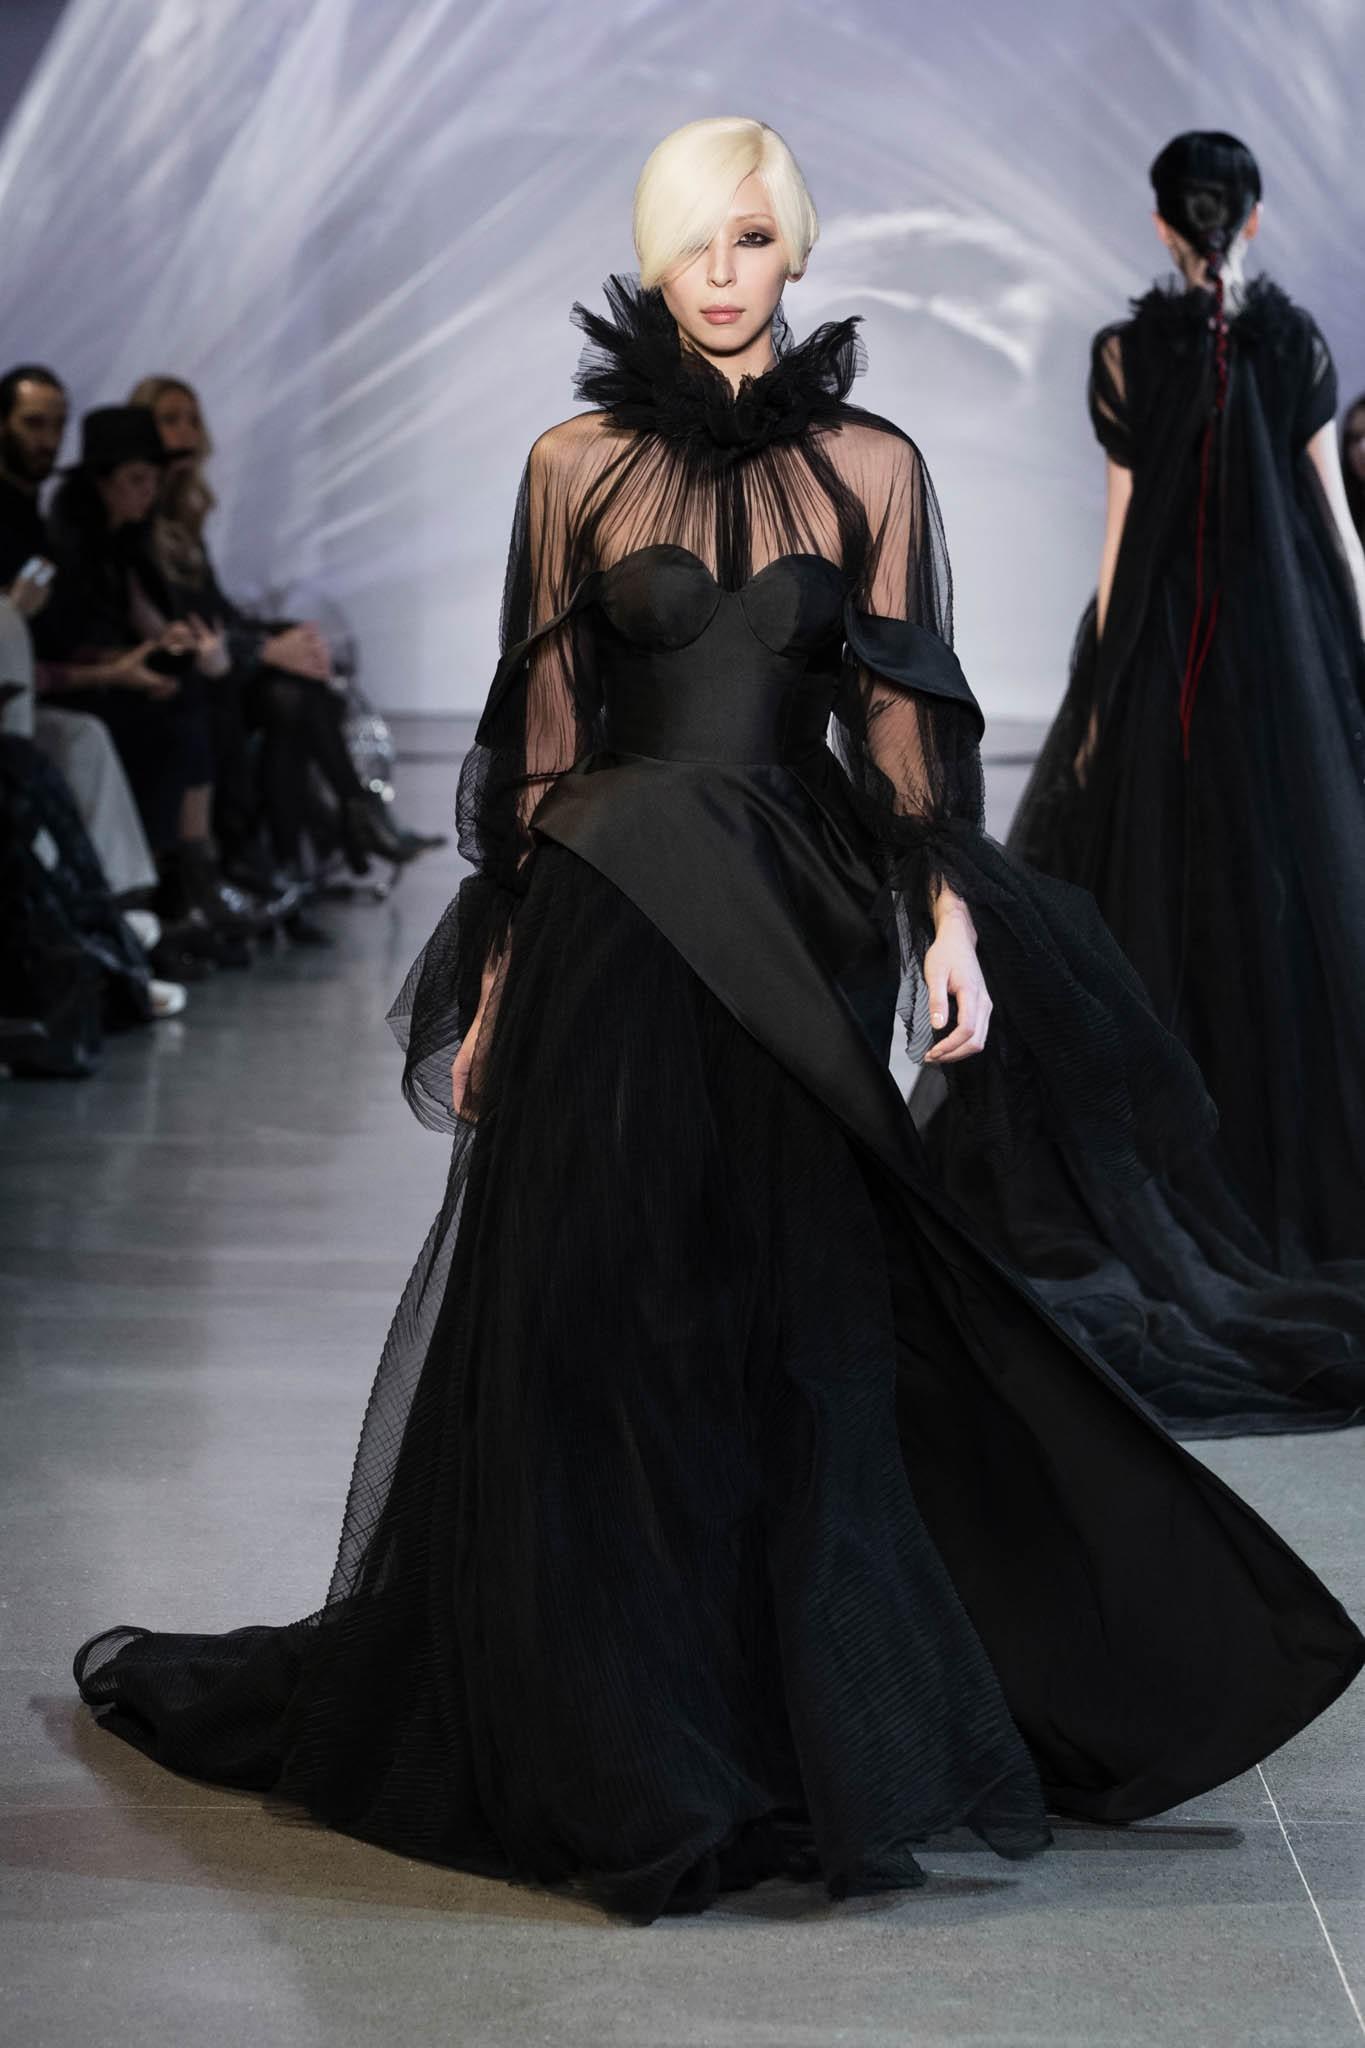 VOGUE Mỹ, VOGUE Tây Ban Nha và hàng loạt tạp chí thời trang thế giới đồng loạt đưa tin về show diễn PHUONG MY tại NYFW - Ảnh 14.